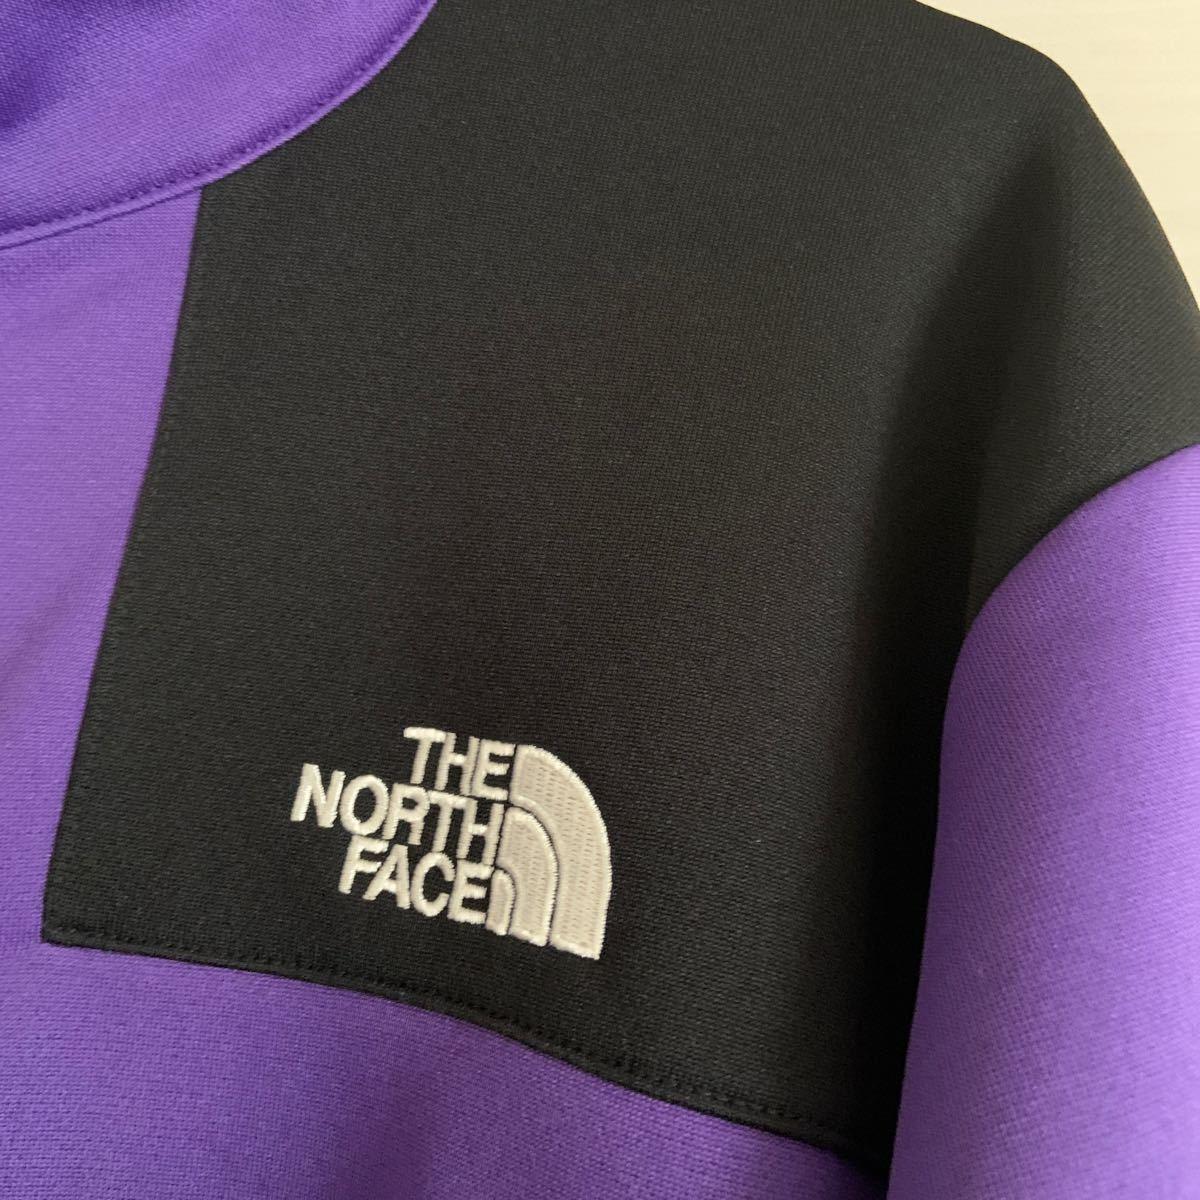 THE NORTH FACE ノースフェイス ザ・ノース・フェイス ジャージ ジャケット パープル